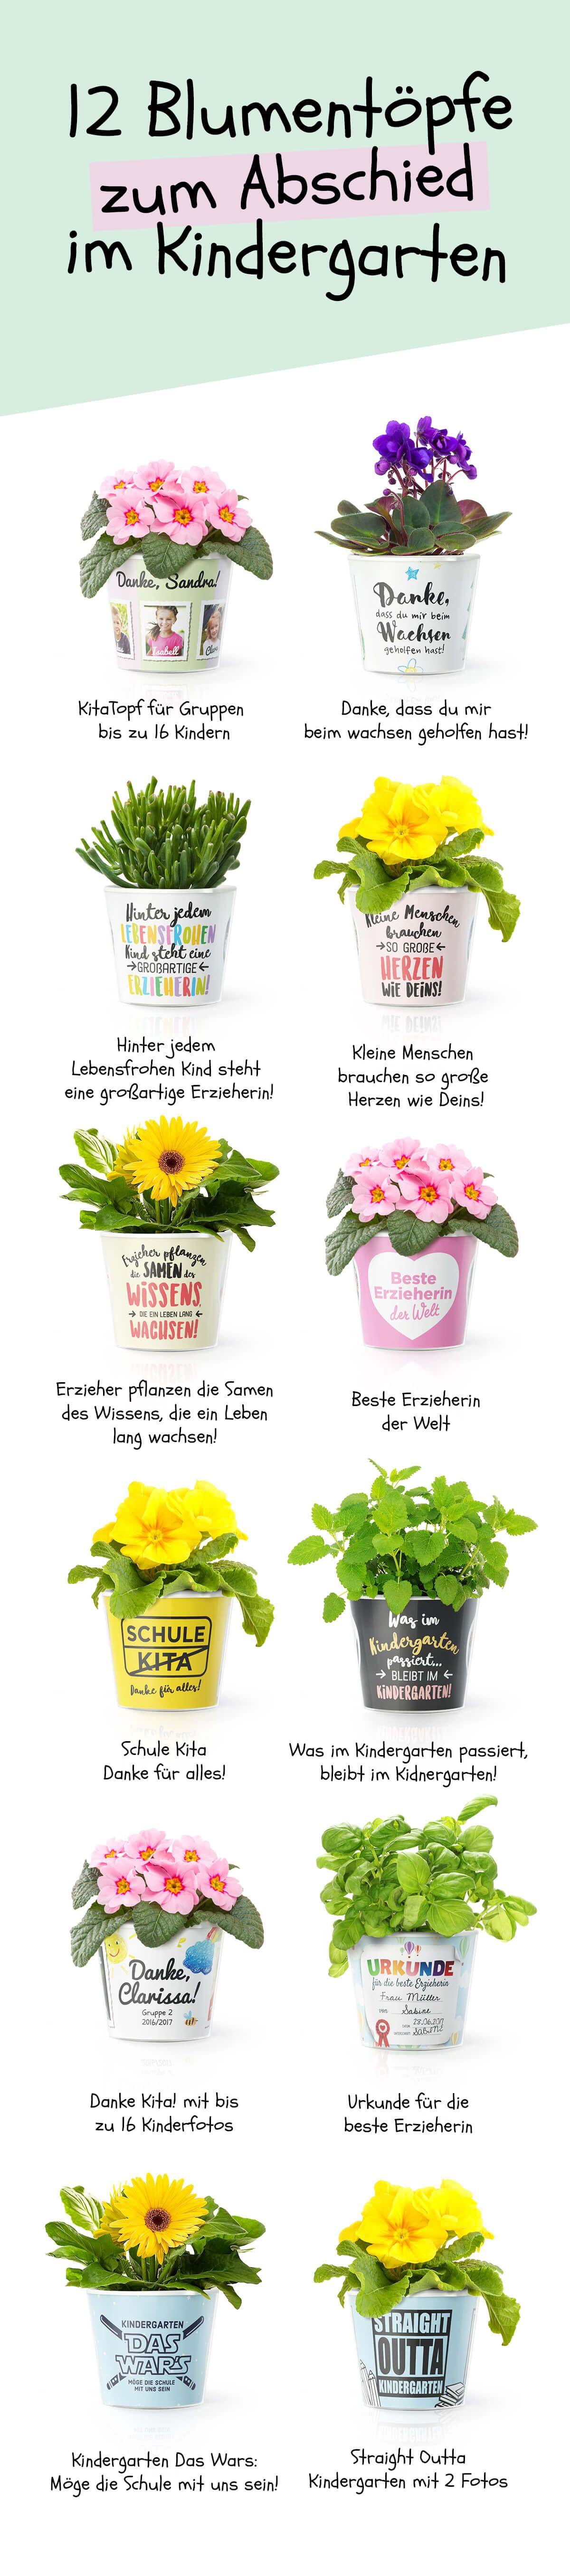 Geschenke Für Vorschulkinder  12 Abschiedsgeschenk Blumentöpfe für Kindergarten Erzieher